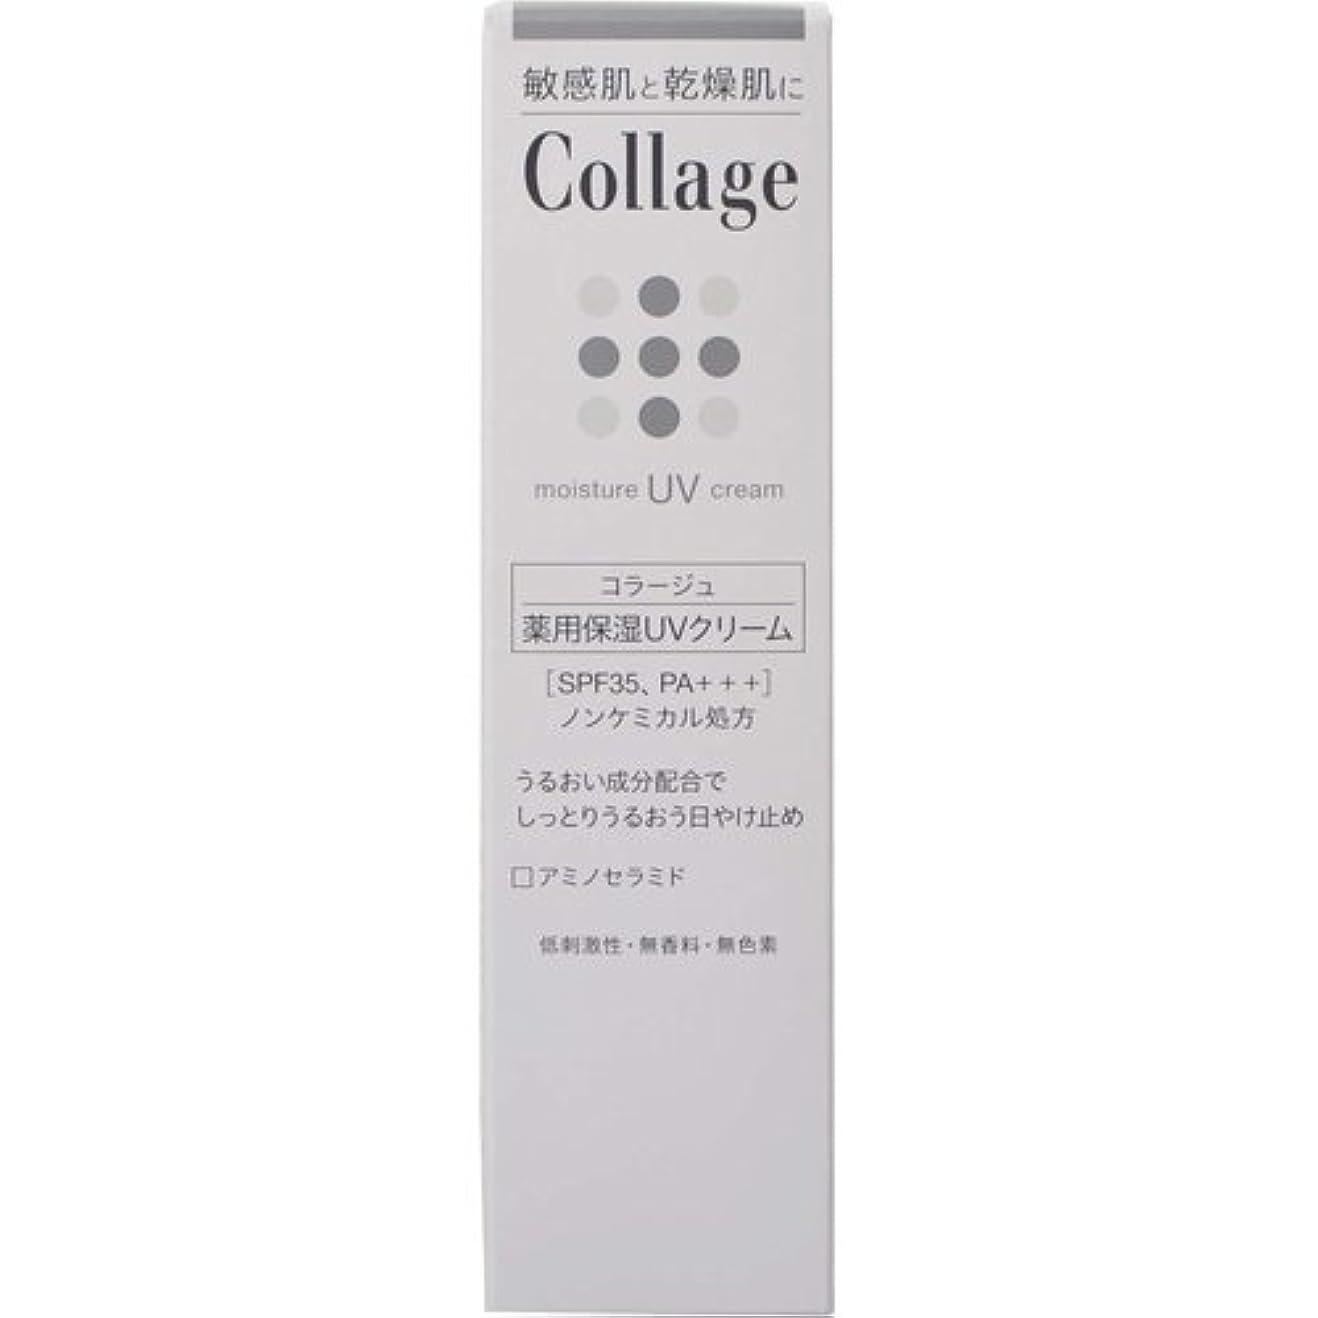 高さコンパクト良いコラージュ 薬用保湿UVクリーム 30g 【医薬部外品】